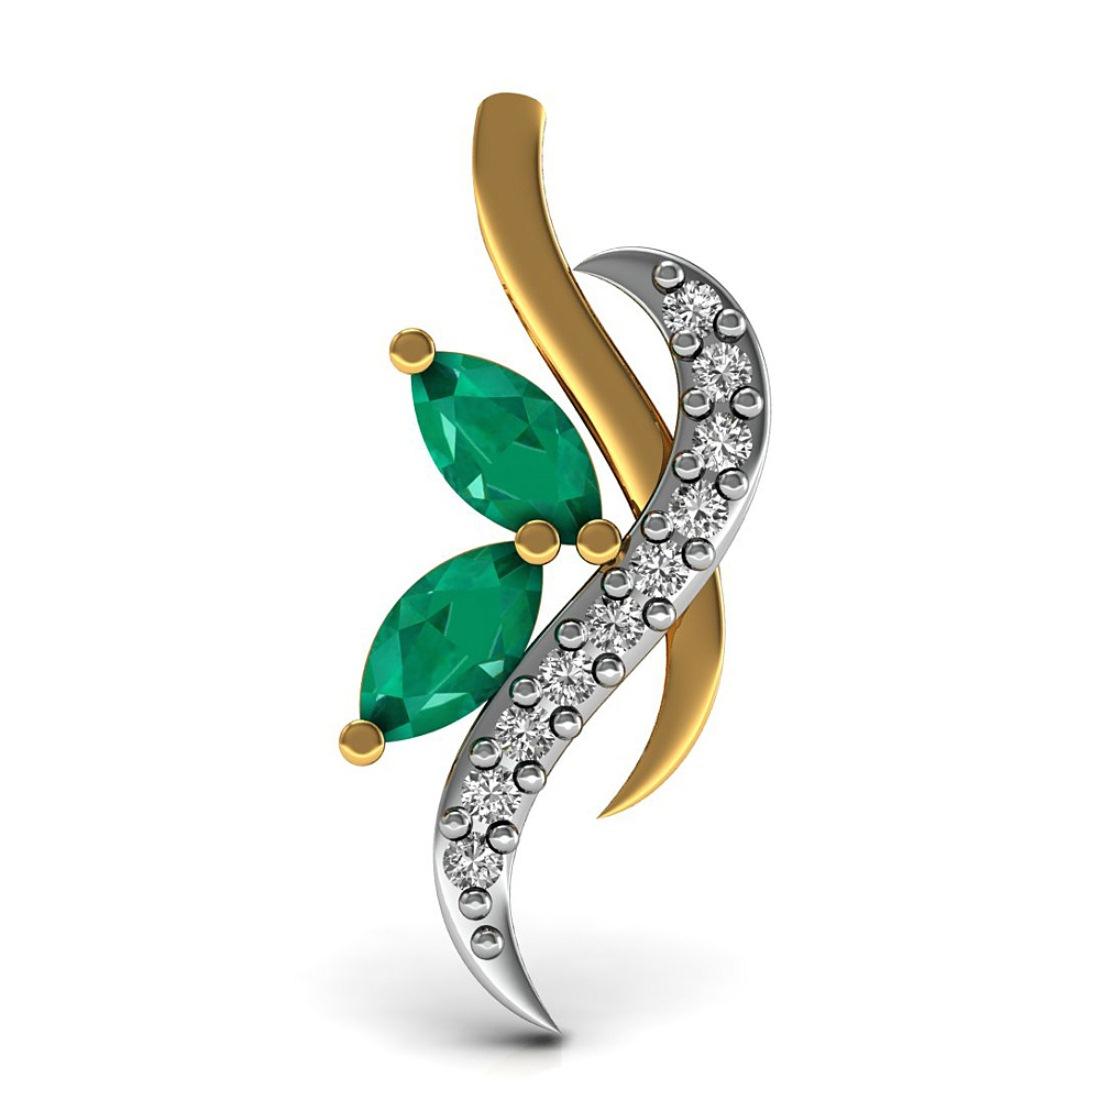 Emerald in Daimond Pendant